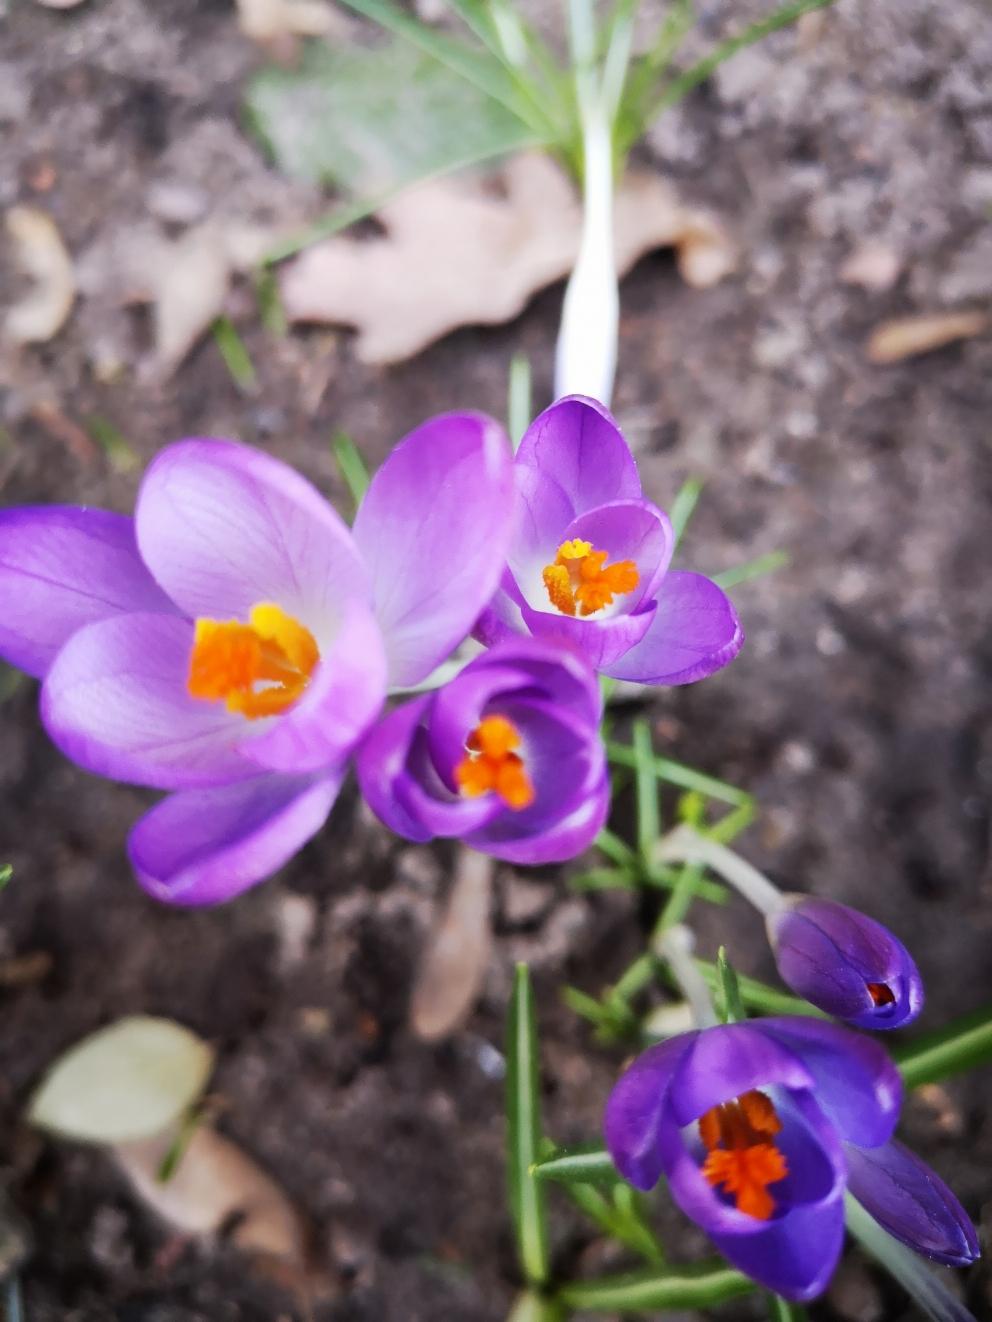 Wenn im Frühjahr wieder alles wächst, die Vögel zwitschern und die Knospen sprießen, dann weiß man, dass der kalte Winter vorüber ist.